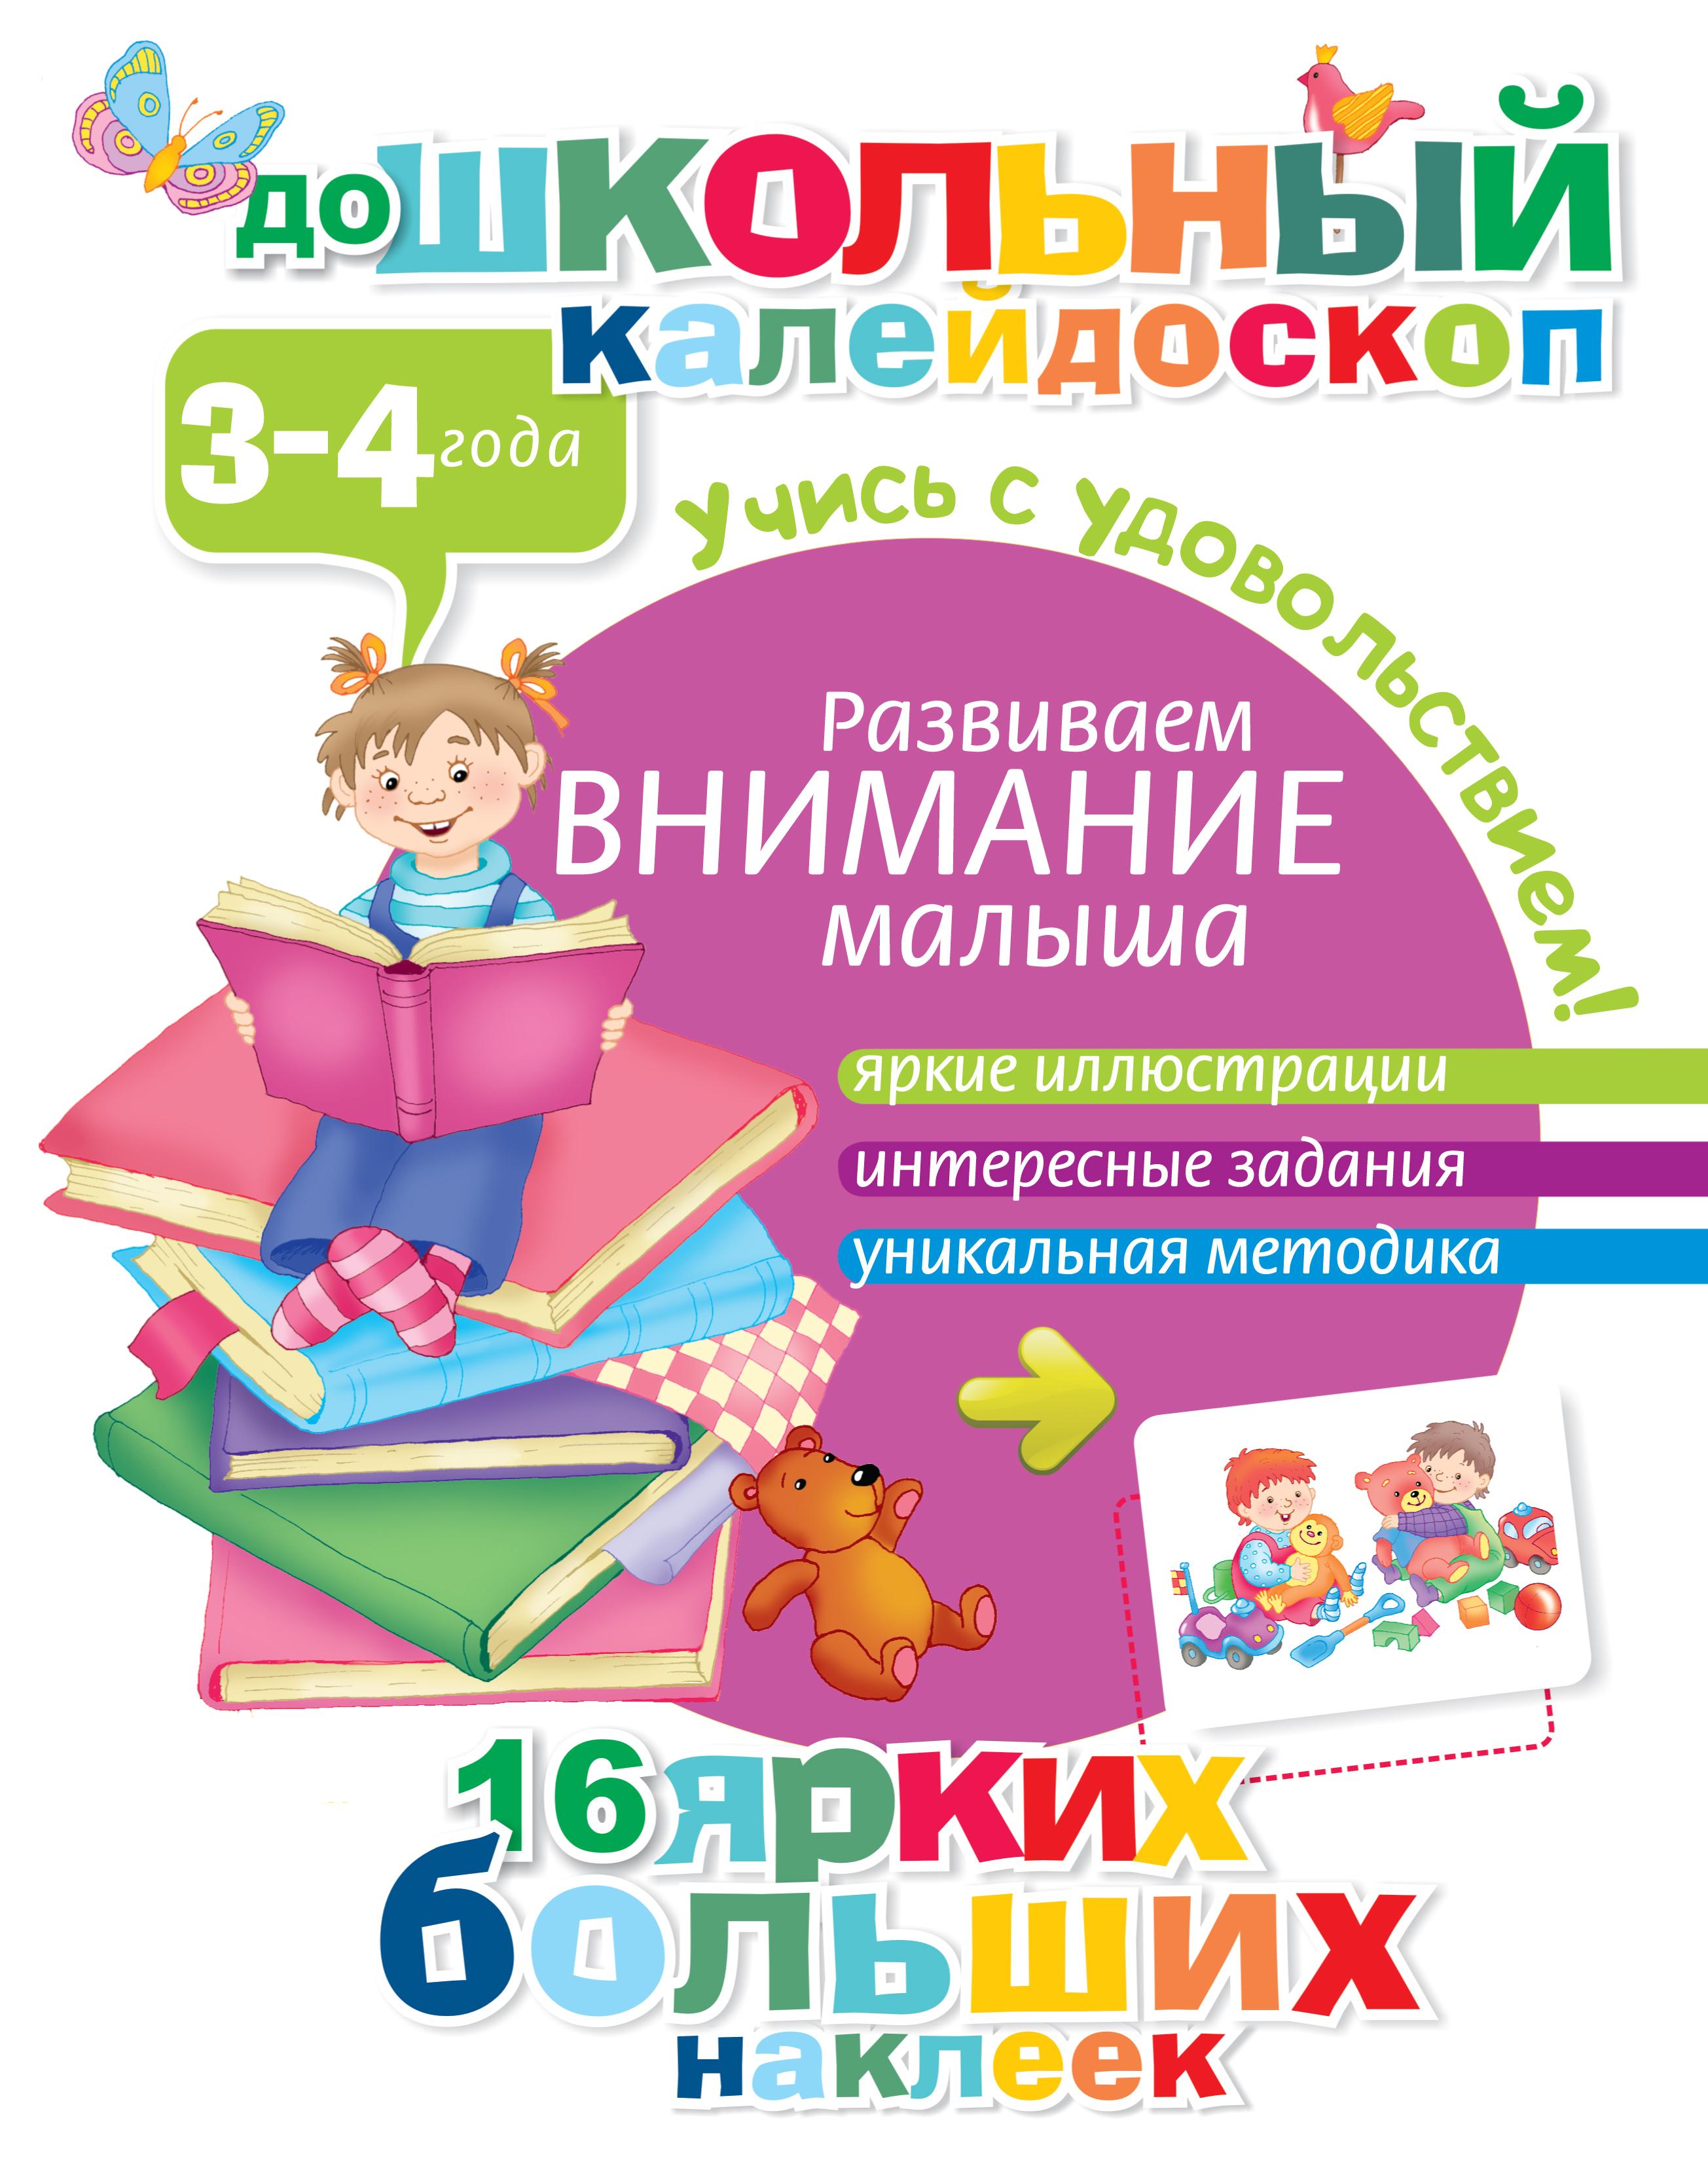 Развиваем внимание малыша (3-4 года)